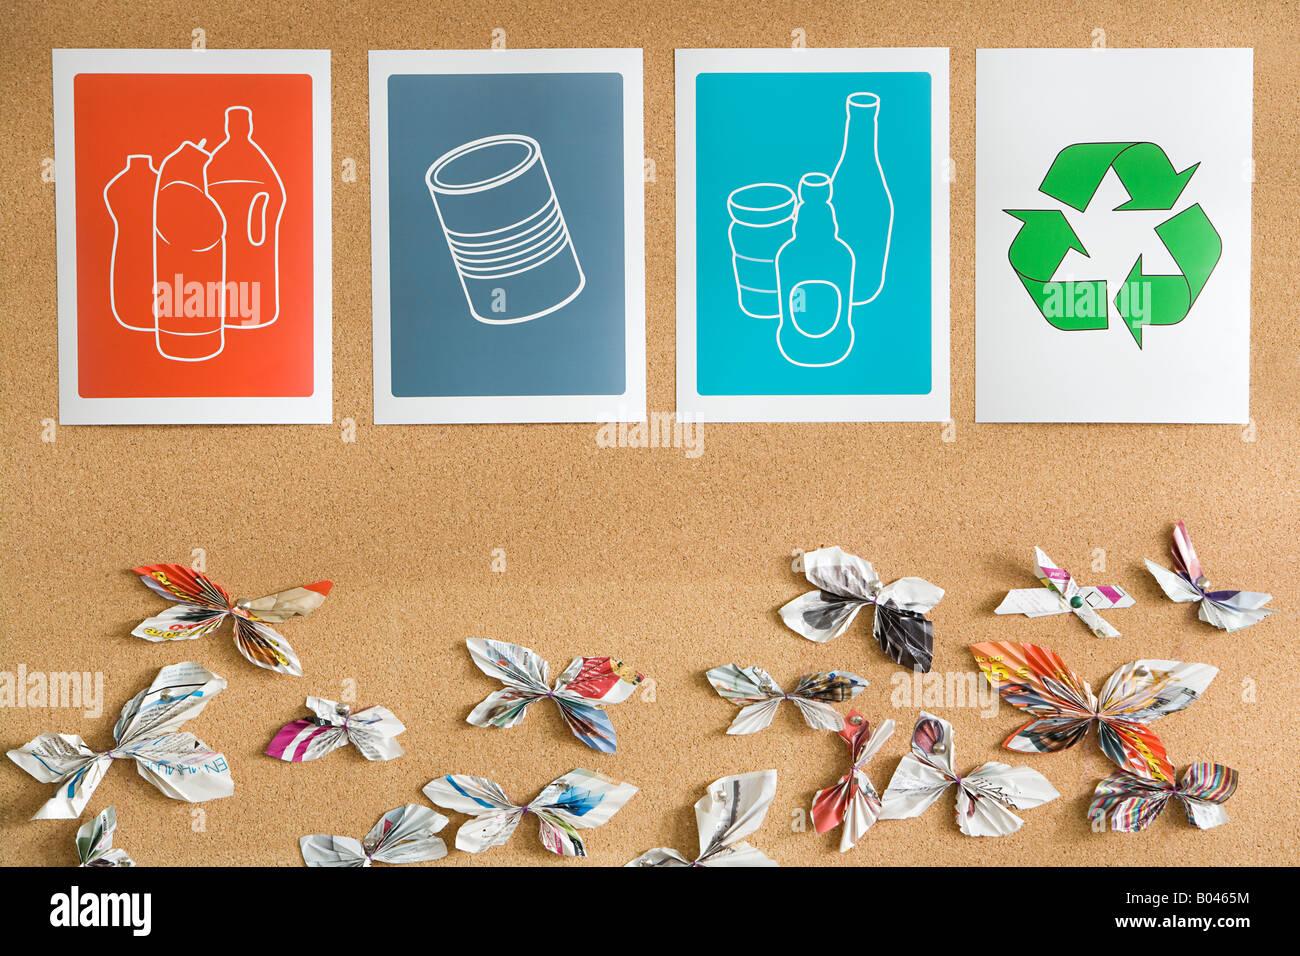 Illustrazioni di riciclaggio Immagini Stock